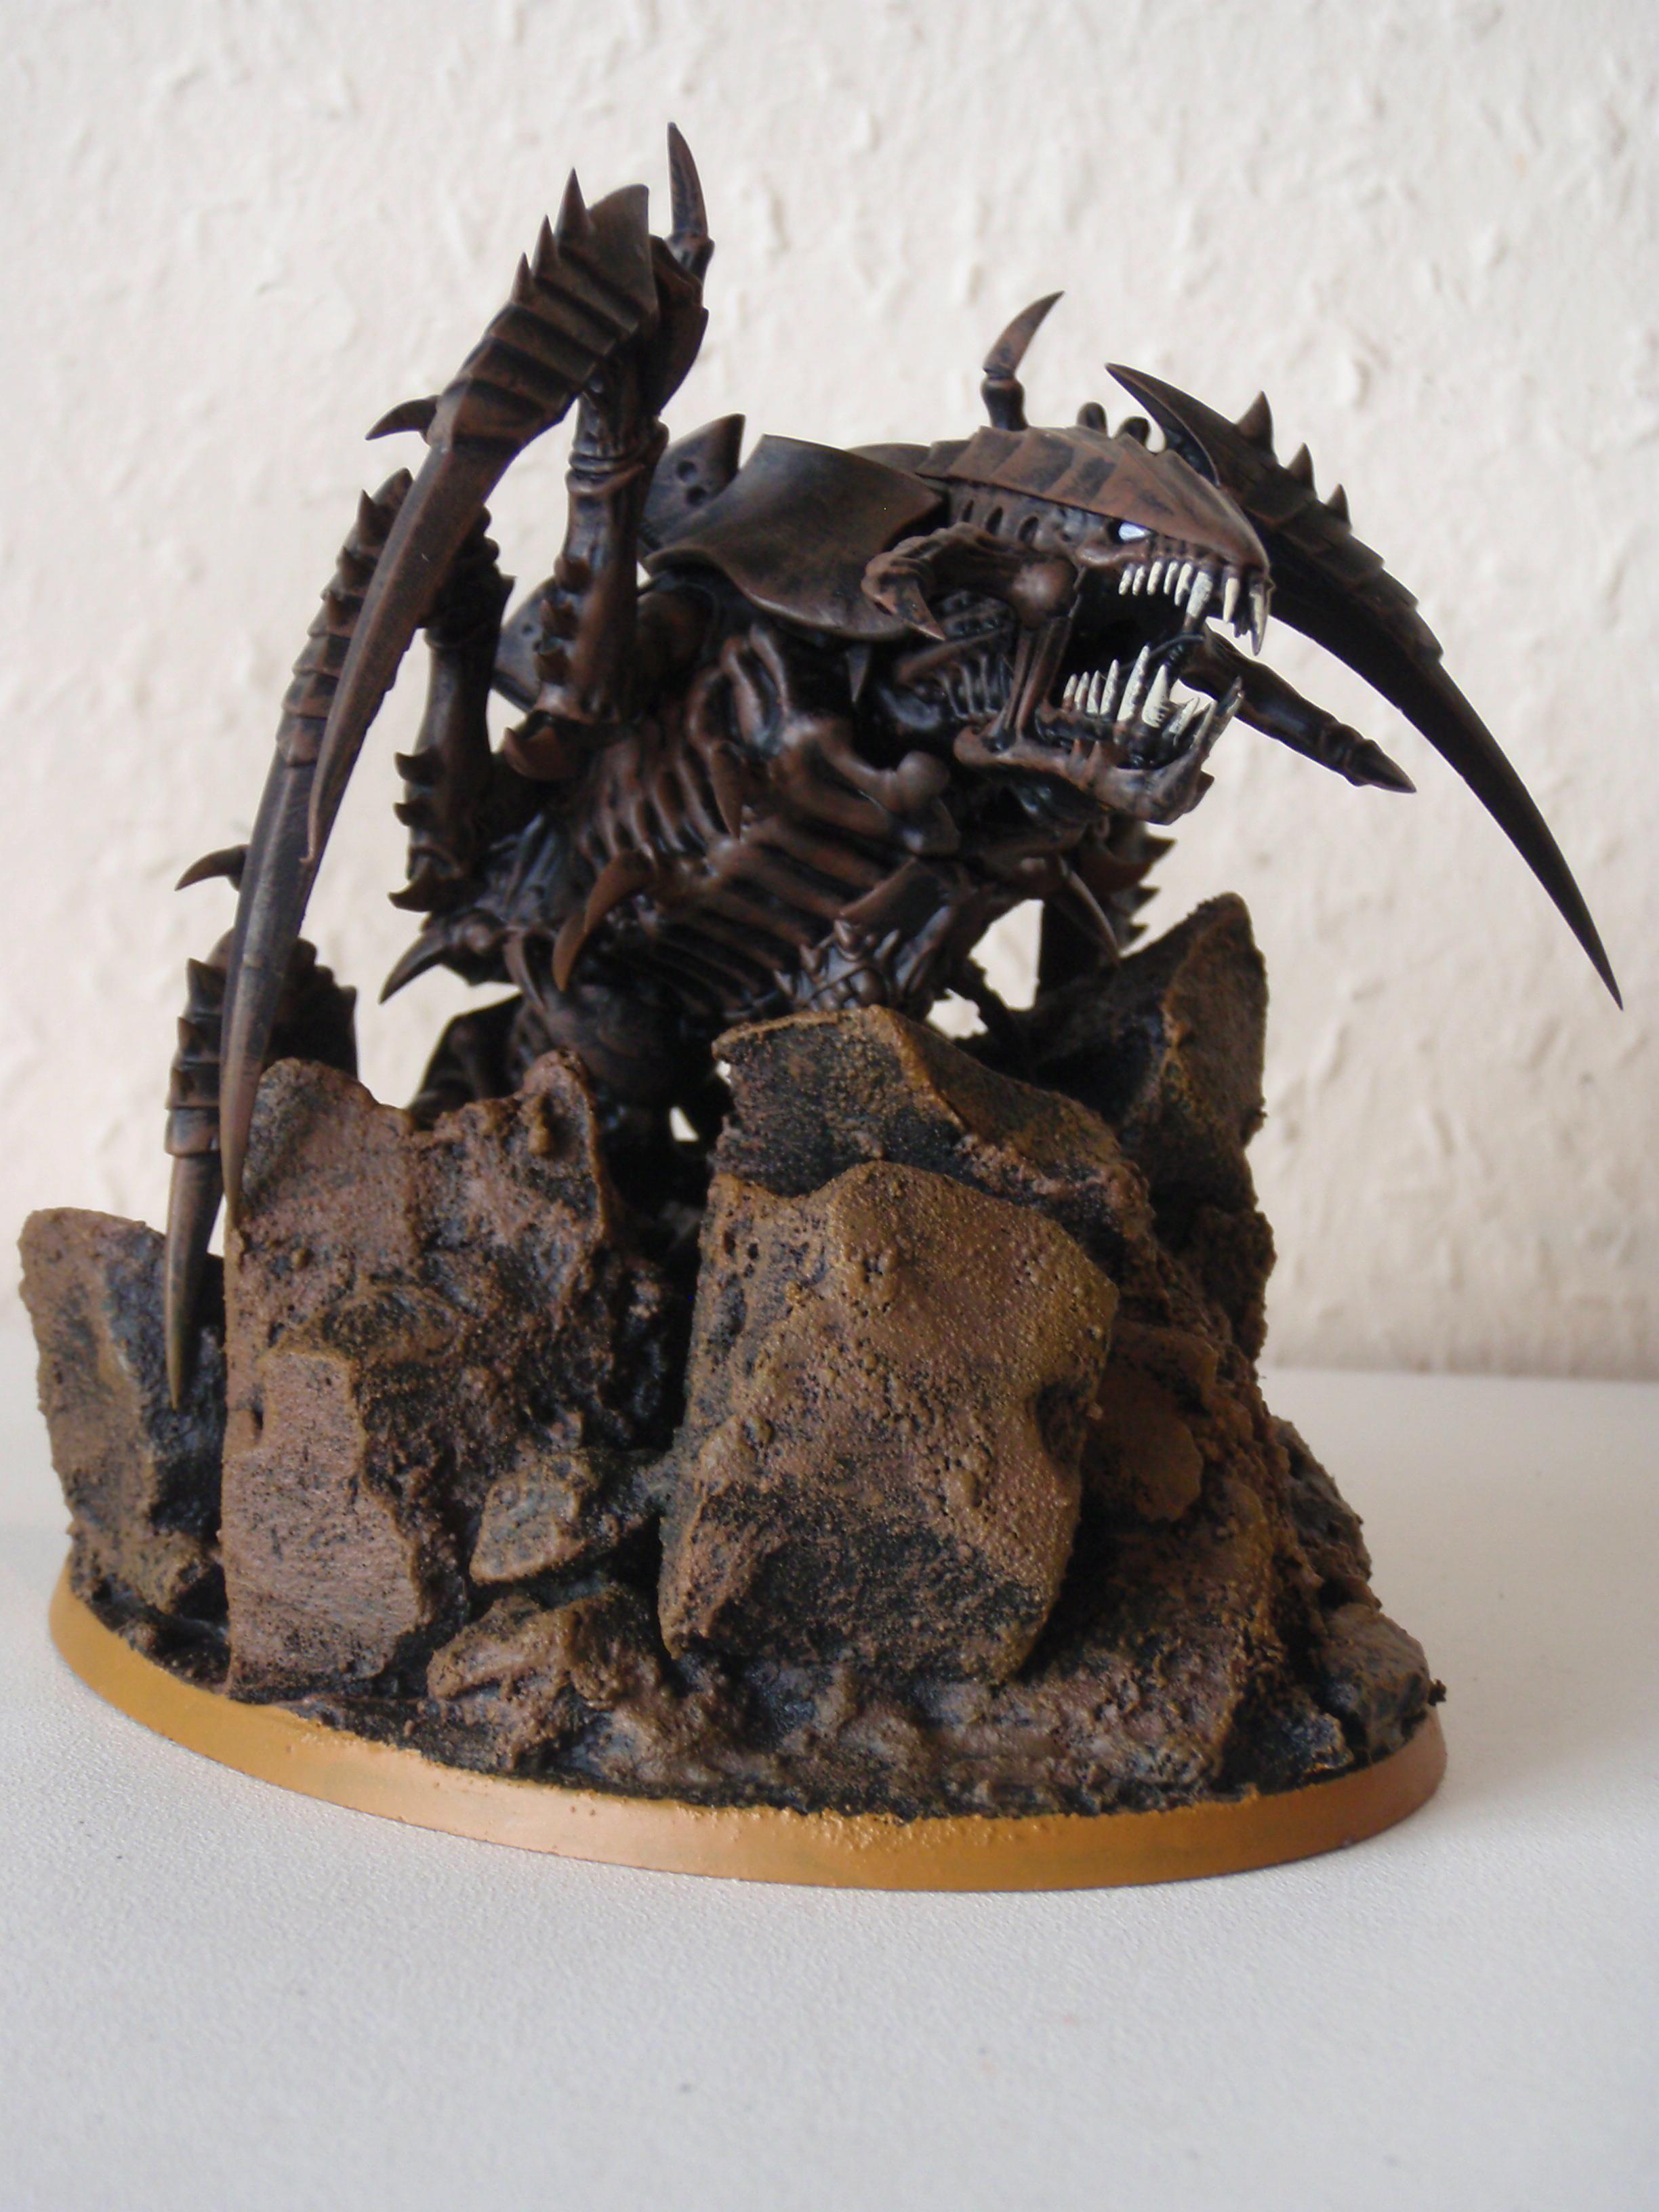 Bug, Tyranids, Warhammer 40,000